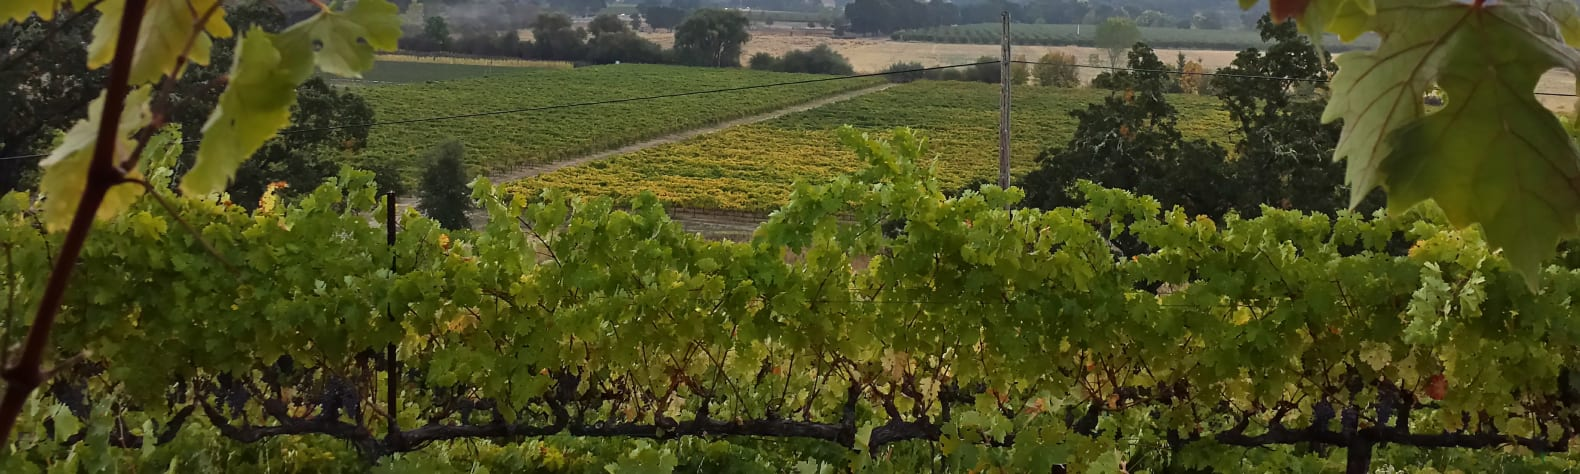 Nelson Family Vineyards